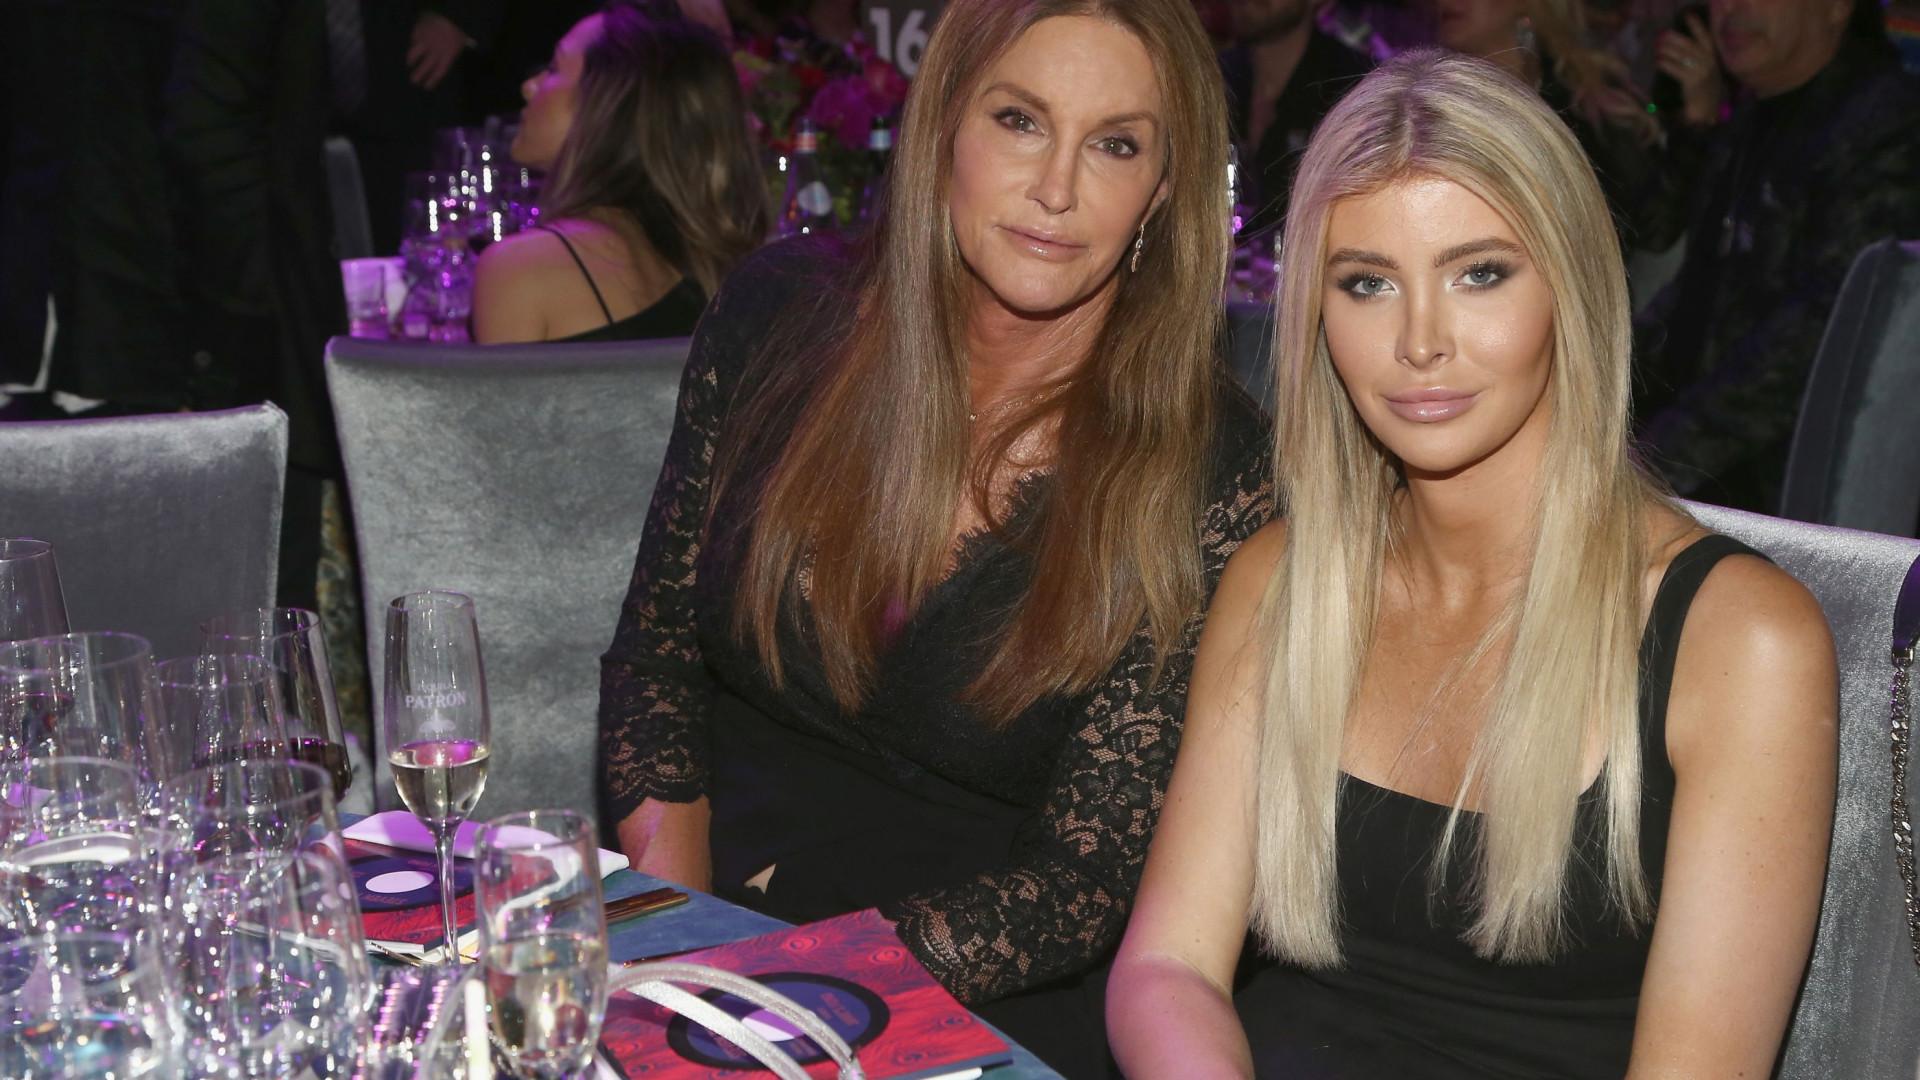 Caitlyn Jenner 'quebra silêncio' sobre romance com modelo de 22 anos